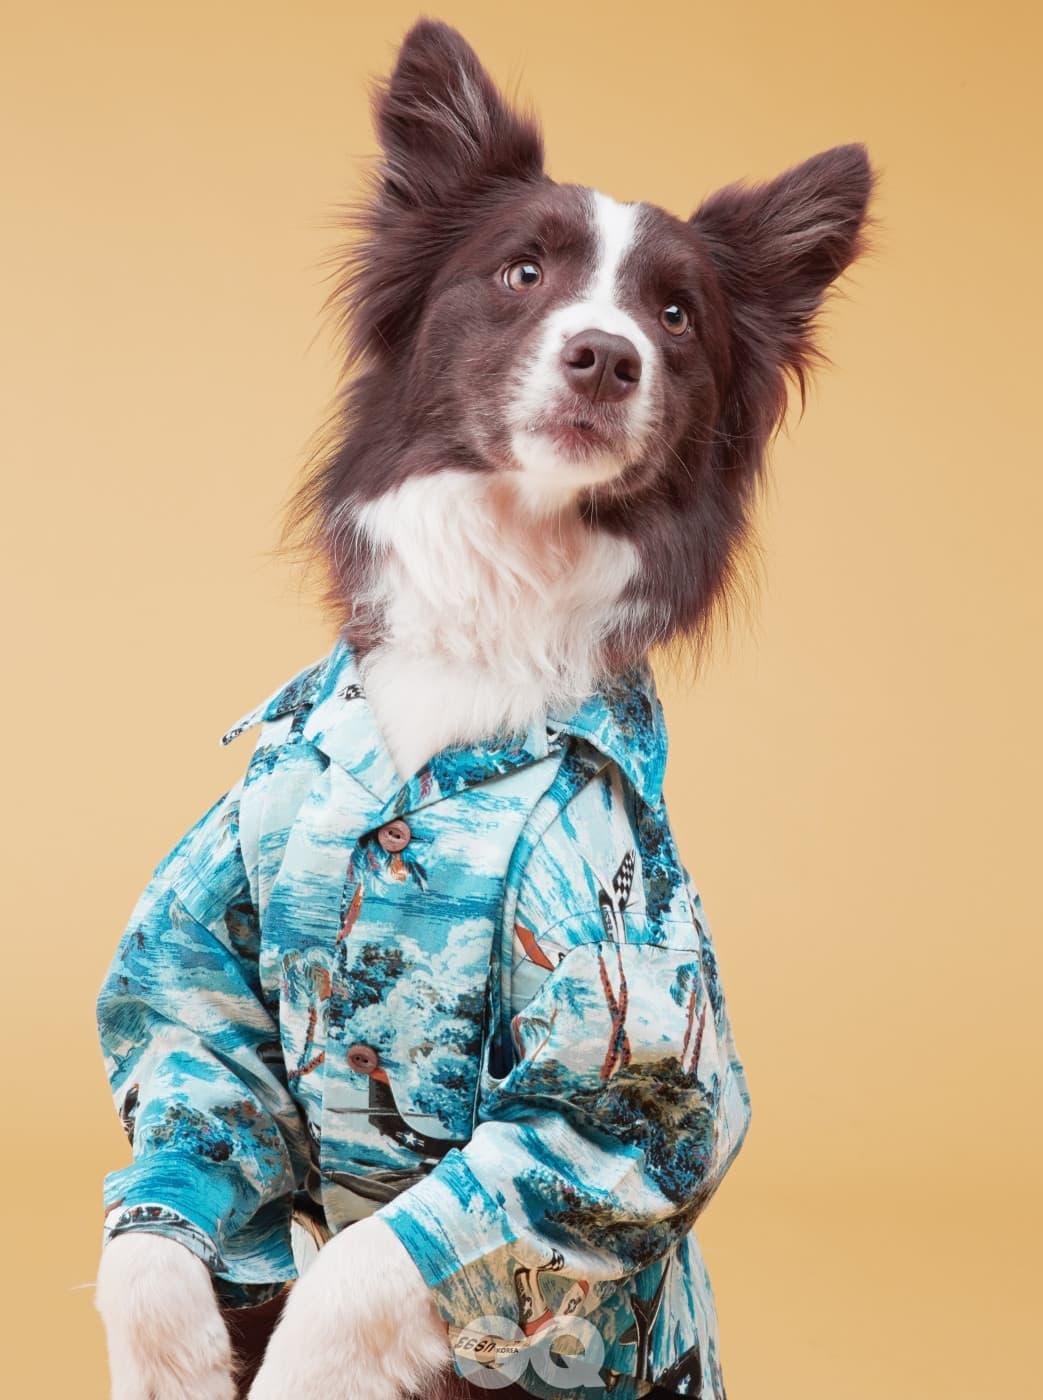 보더 콜리 아카 ㅣ 새파란 바다와 하얗게 부서지는 파도를 그려 넣은 하와이안 셔츠 38만9천원, RRL.